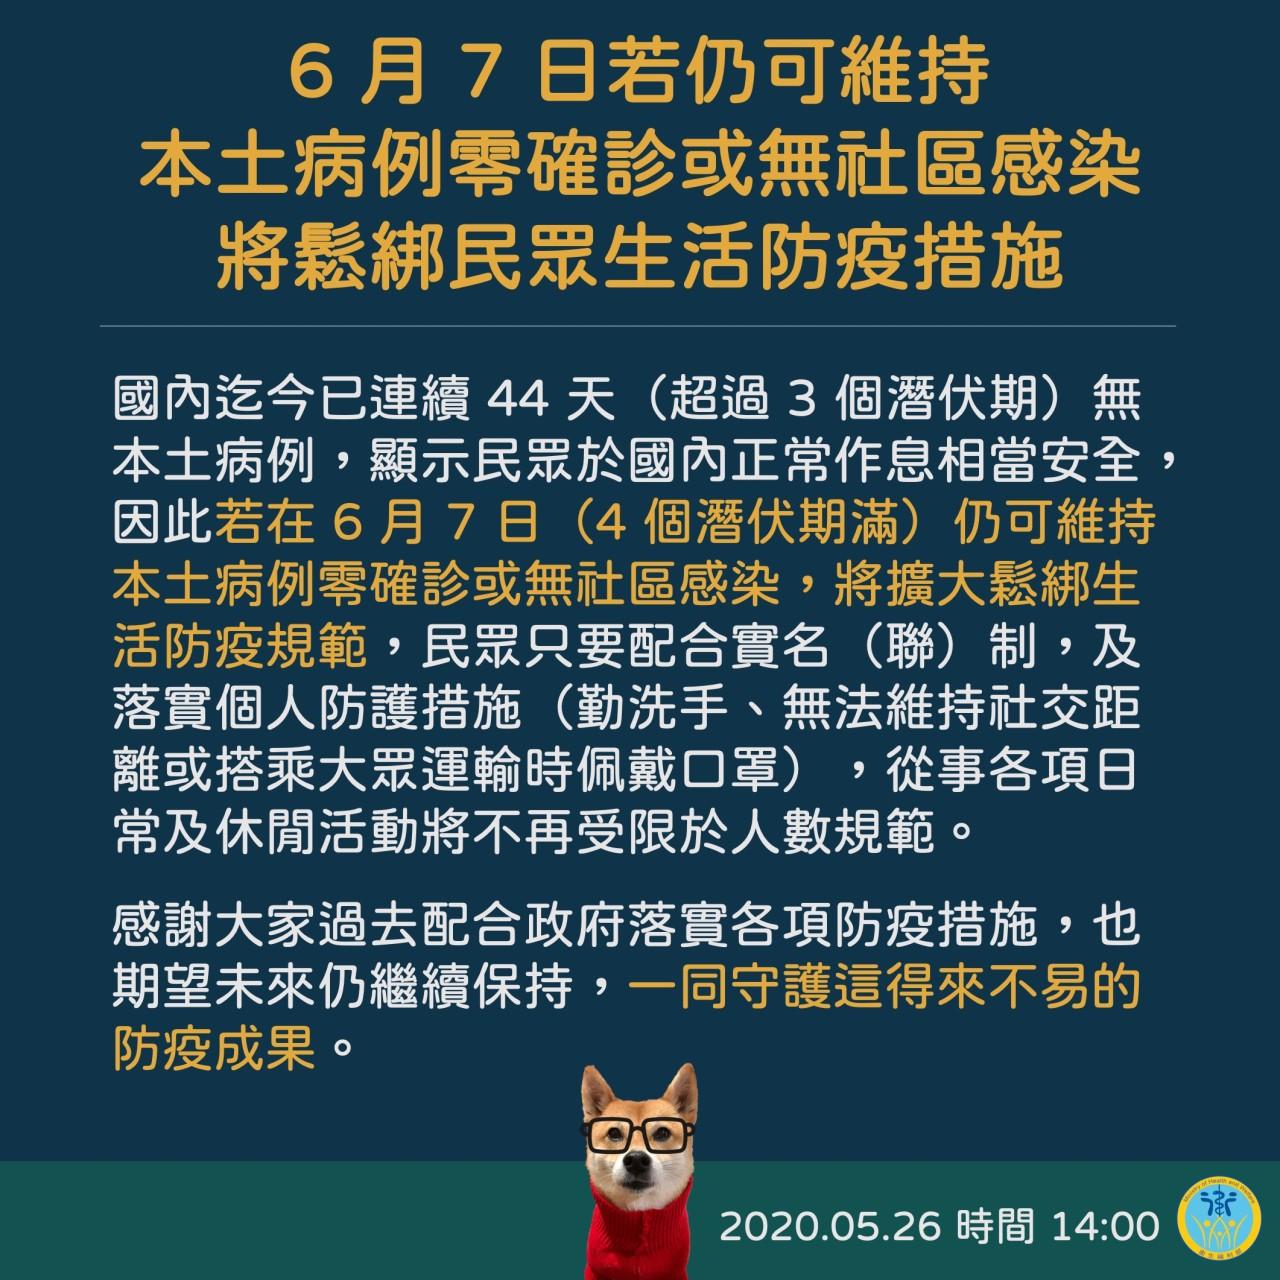 規劃於6月7日後鬆綁民眾生活防疫措施(衛福部)